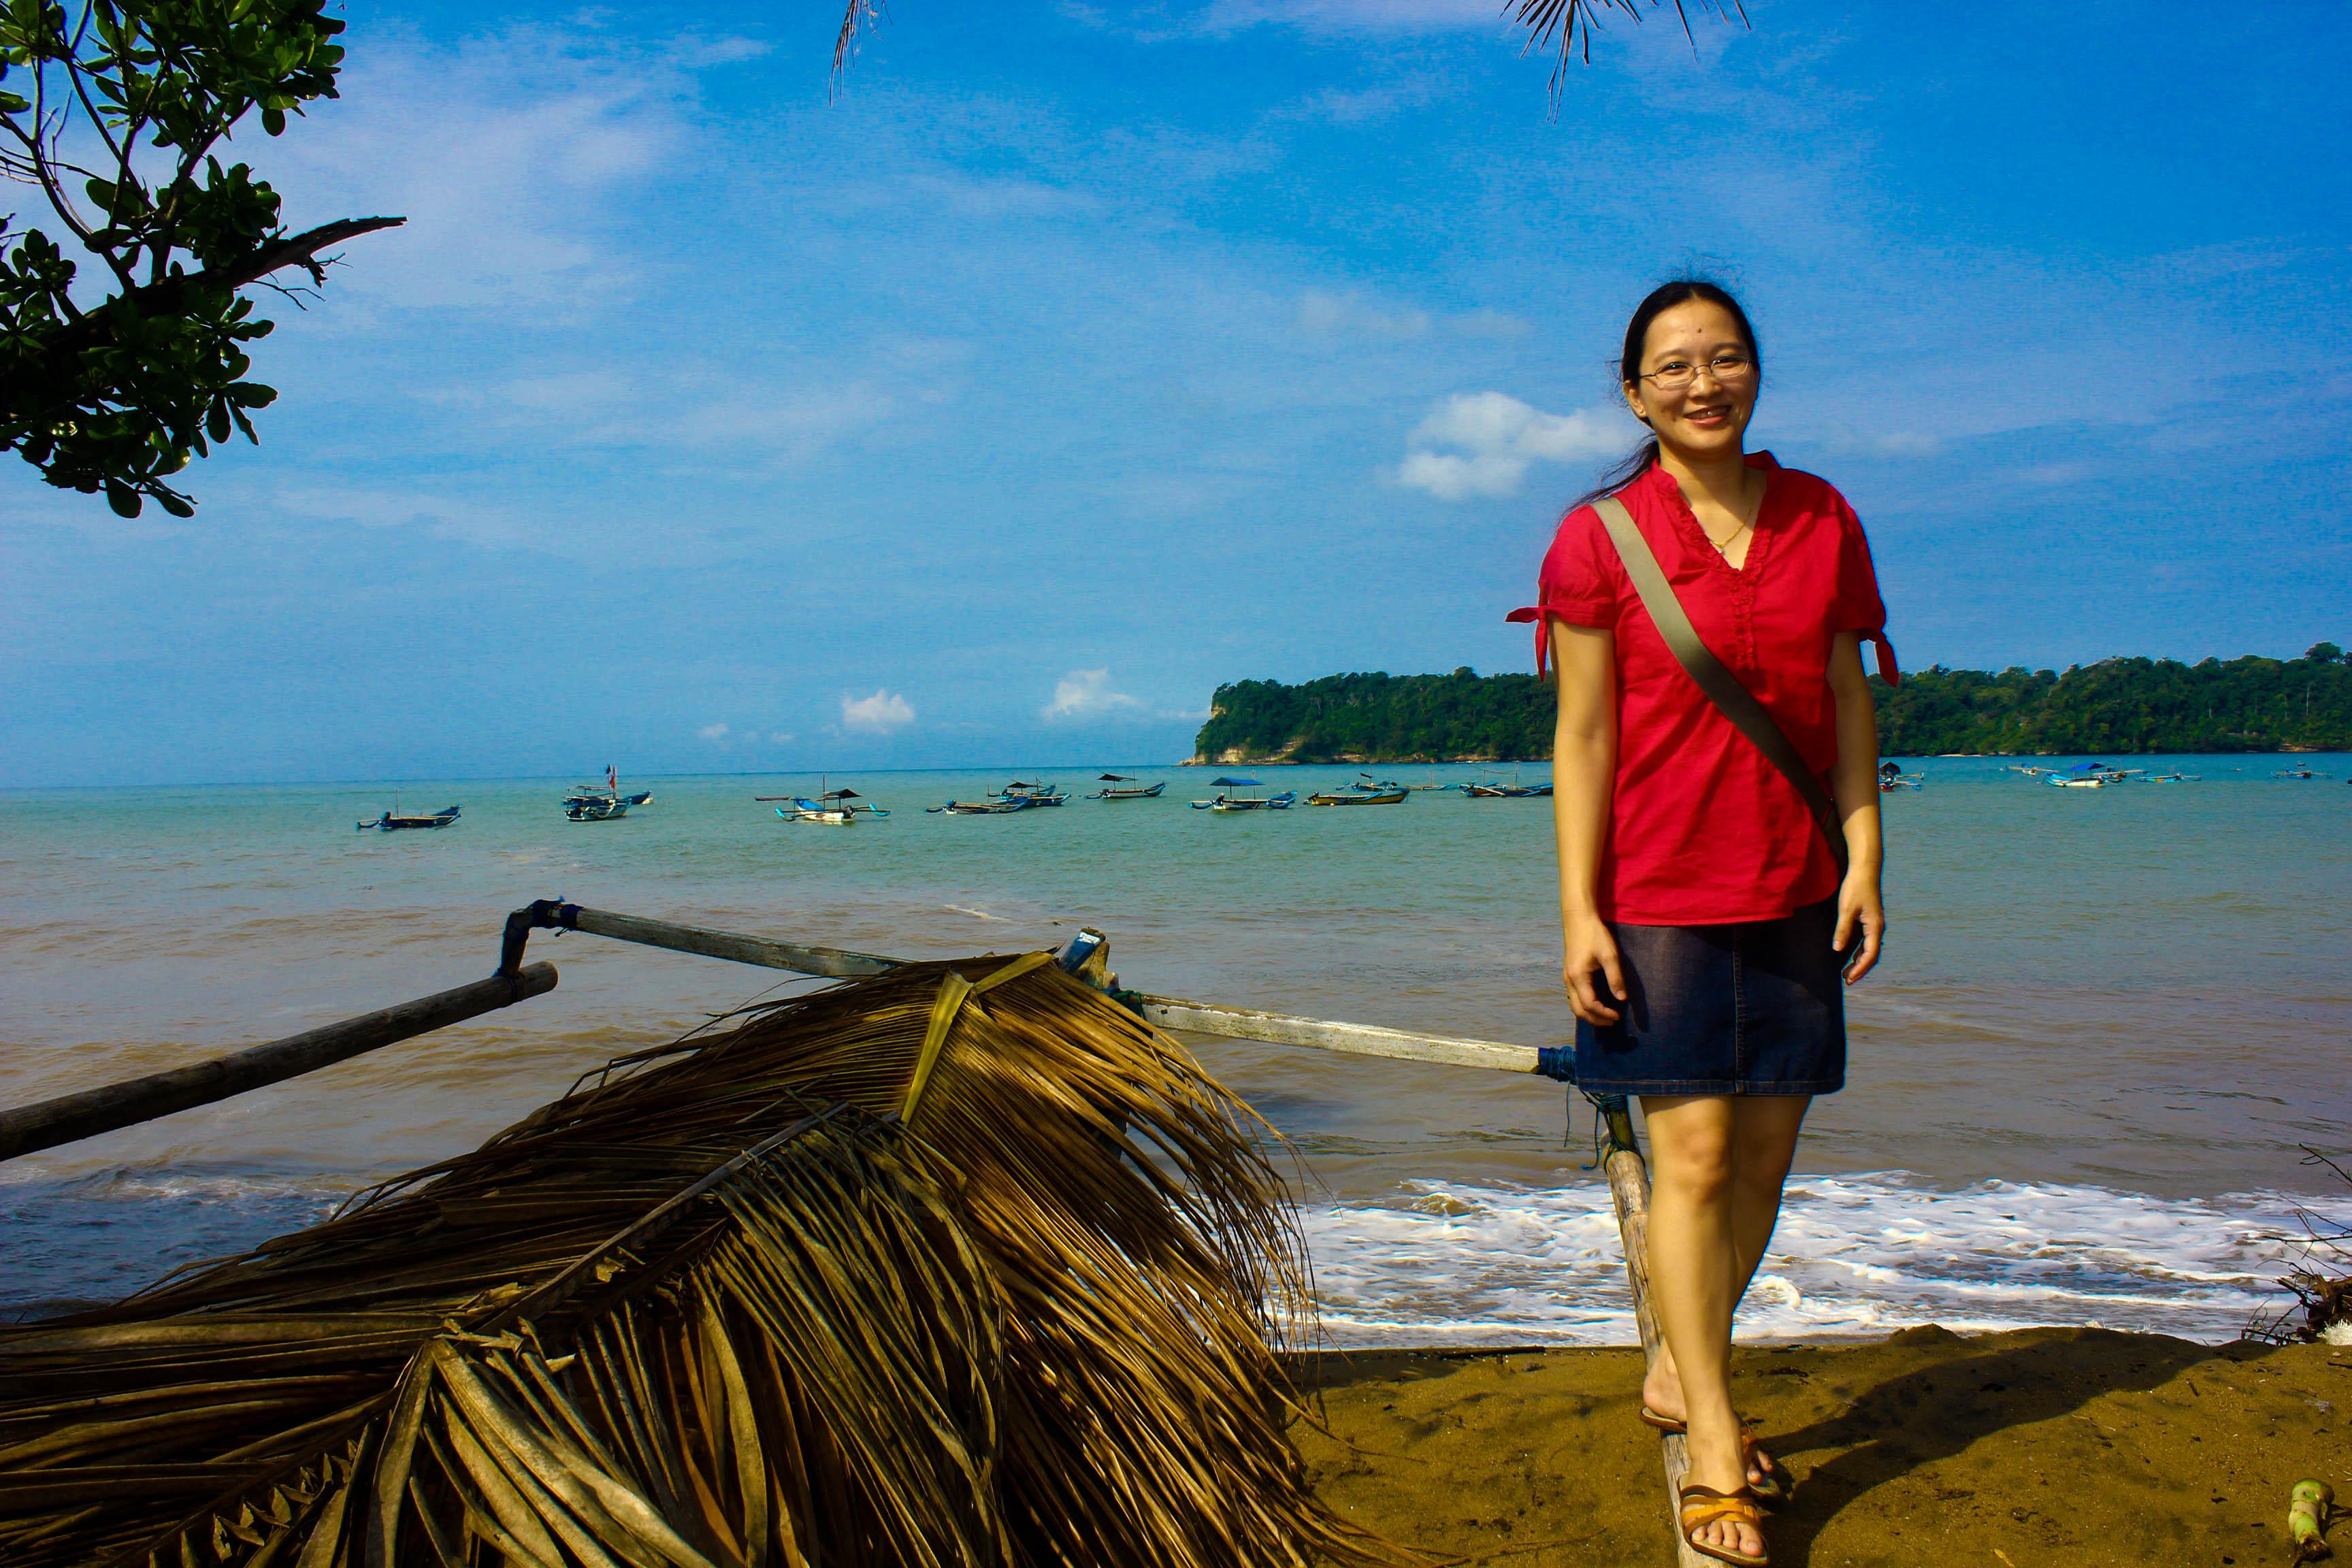 Ayo kunjungi tempat wisata yg bagus dan  keunikan kearifan lokalnya yang dihuni dengan komunitas 95% penduduknya beragama Kristen.